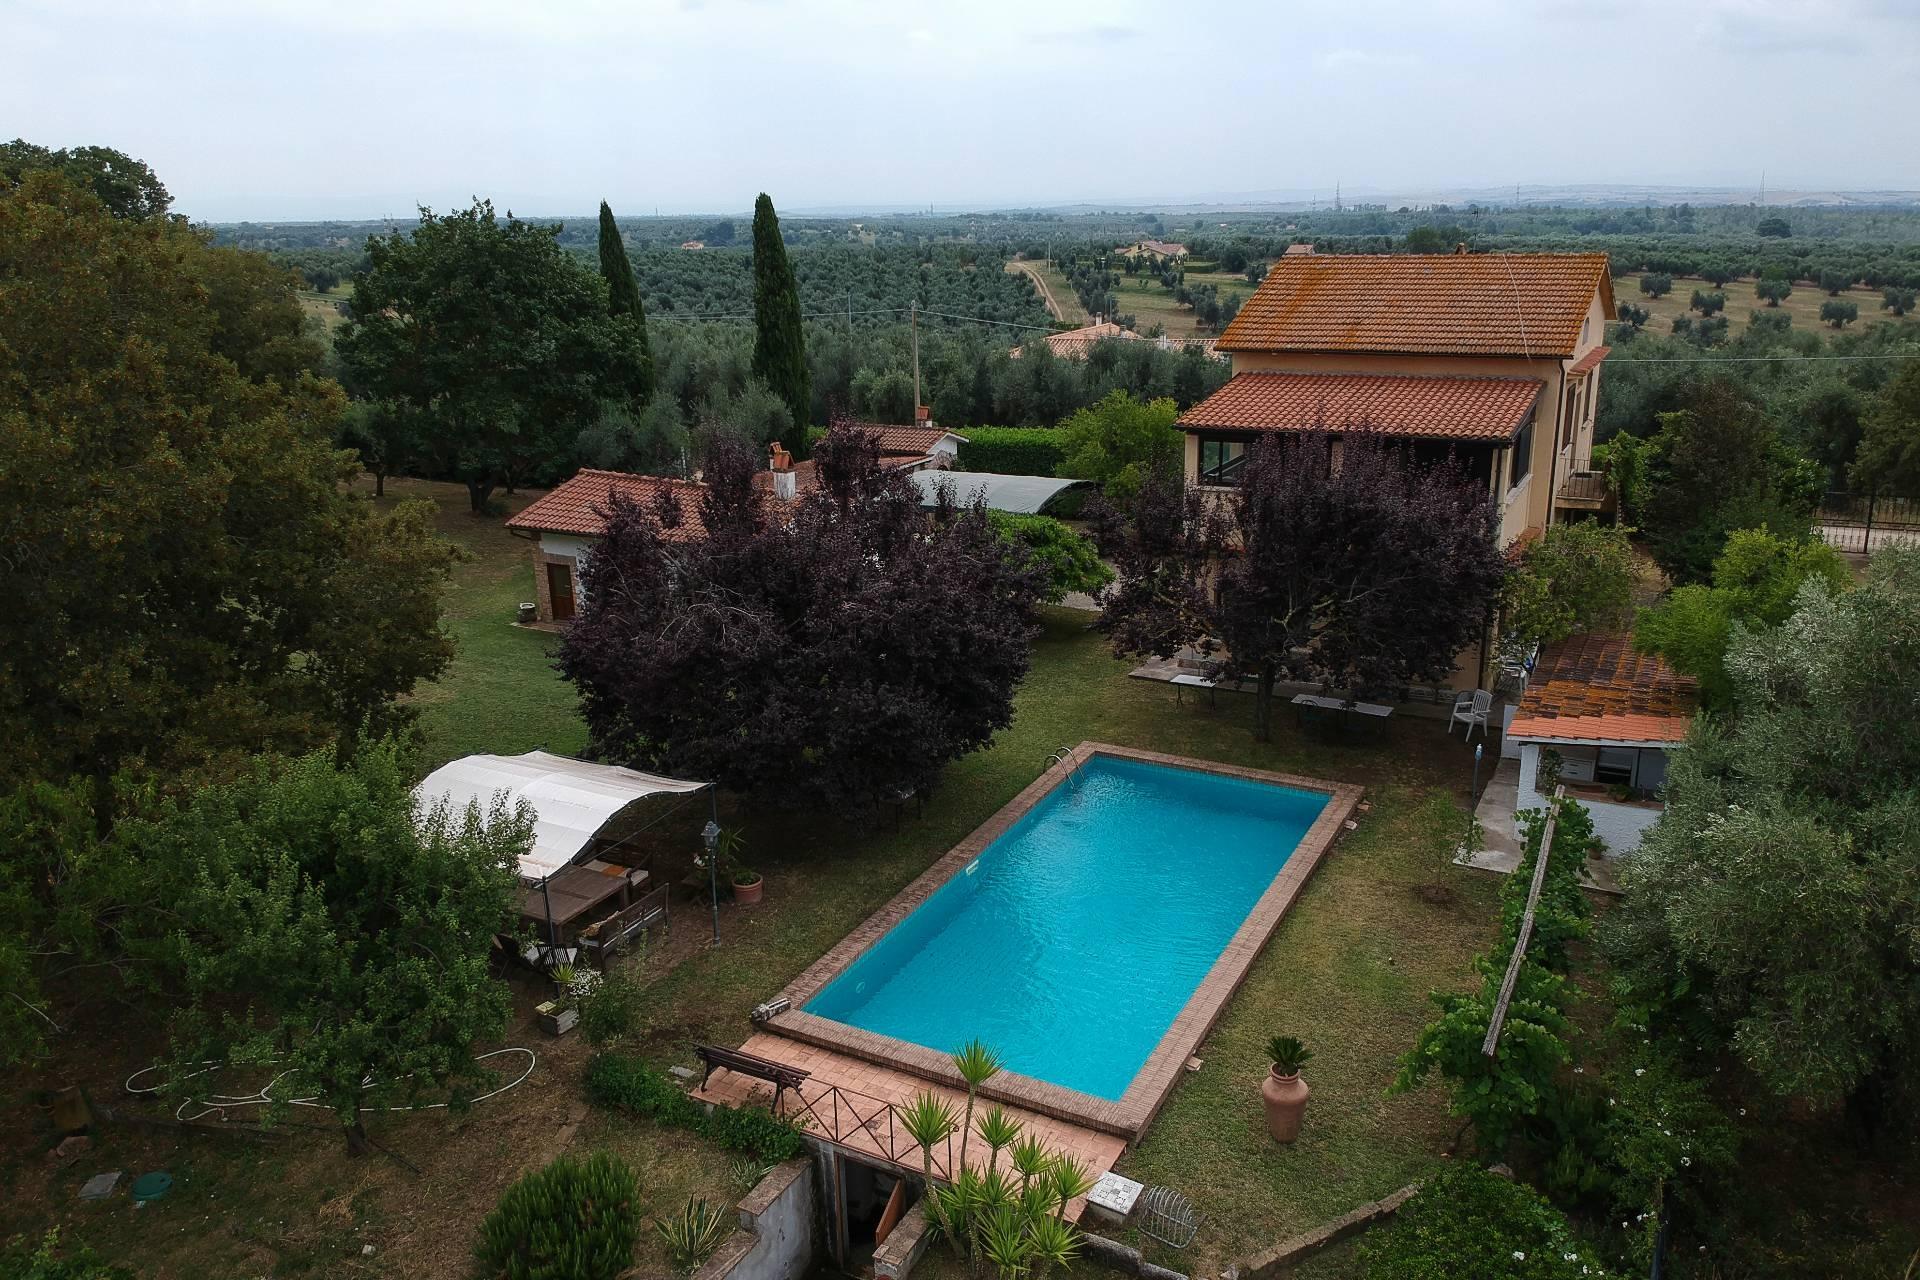 Rustico / Casale in vendita a Canino, 6 locali, zona Località: Riminino, prezzo € 375.000 | CambioCasa.it